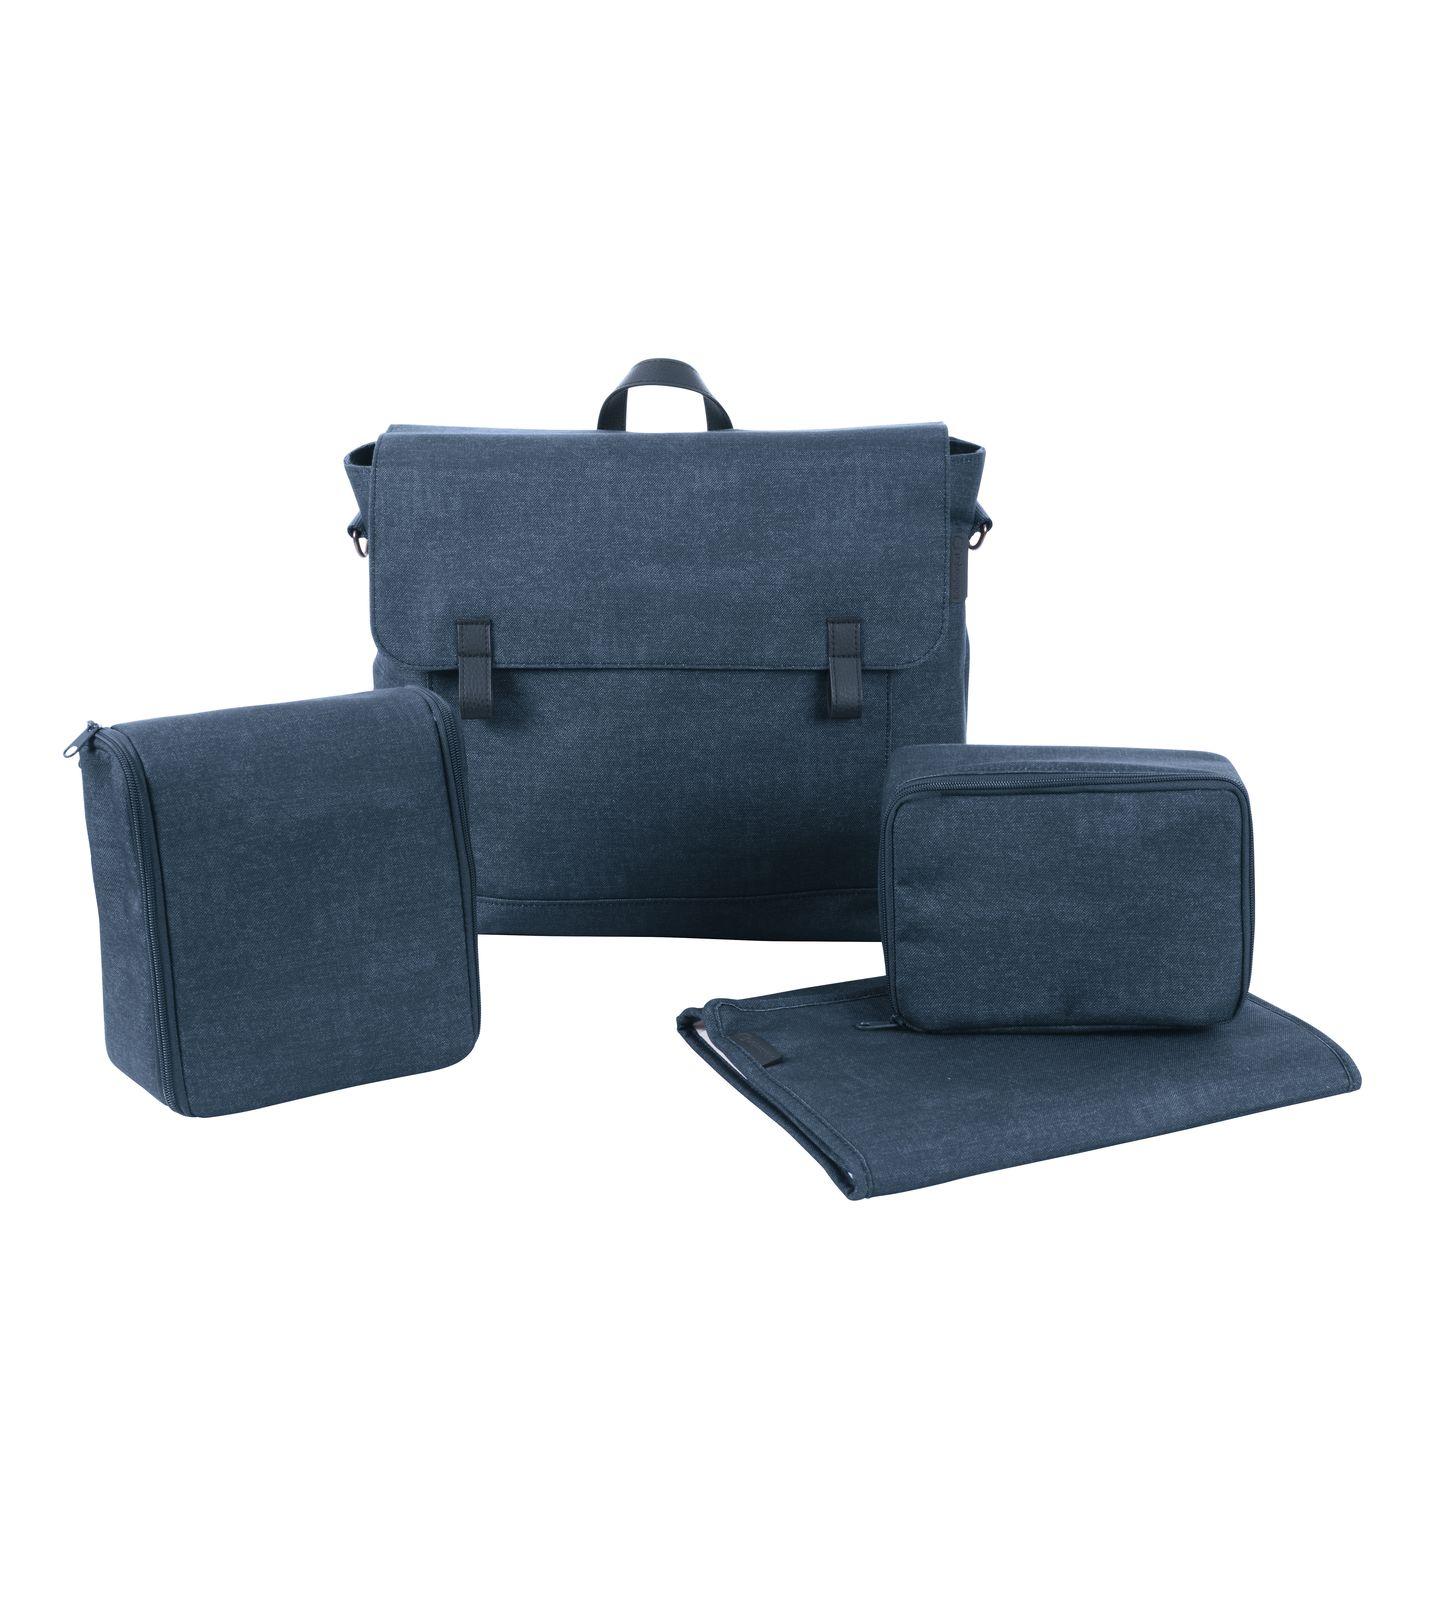 Аксессуар для колясок Bebe Confort MODERN BAG 1632243210 синий цена